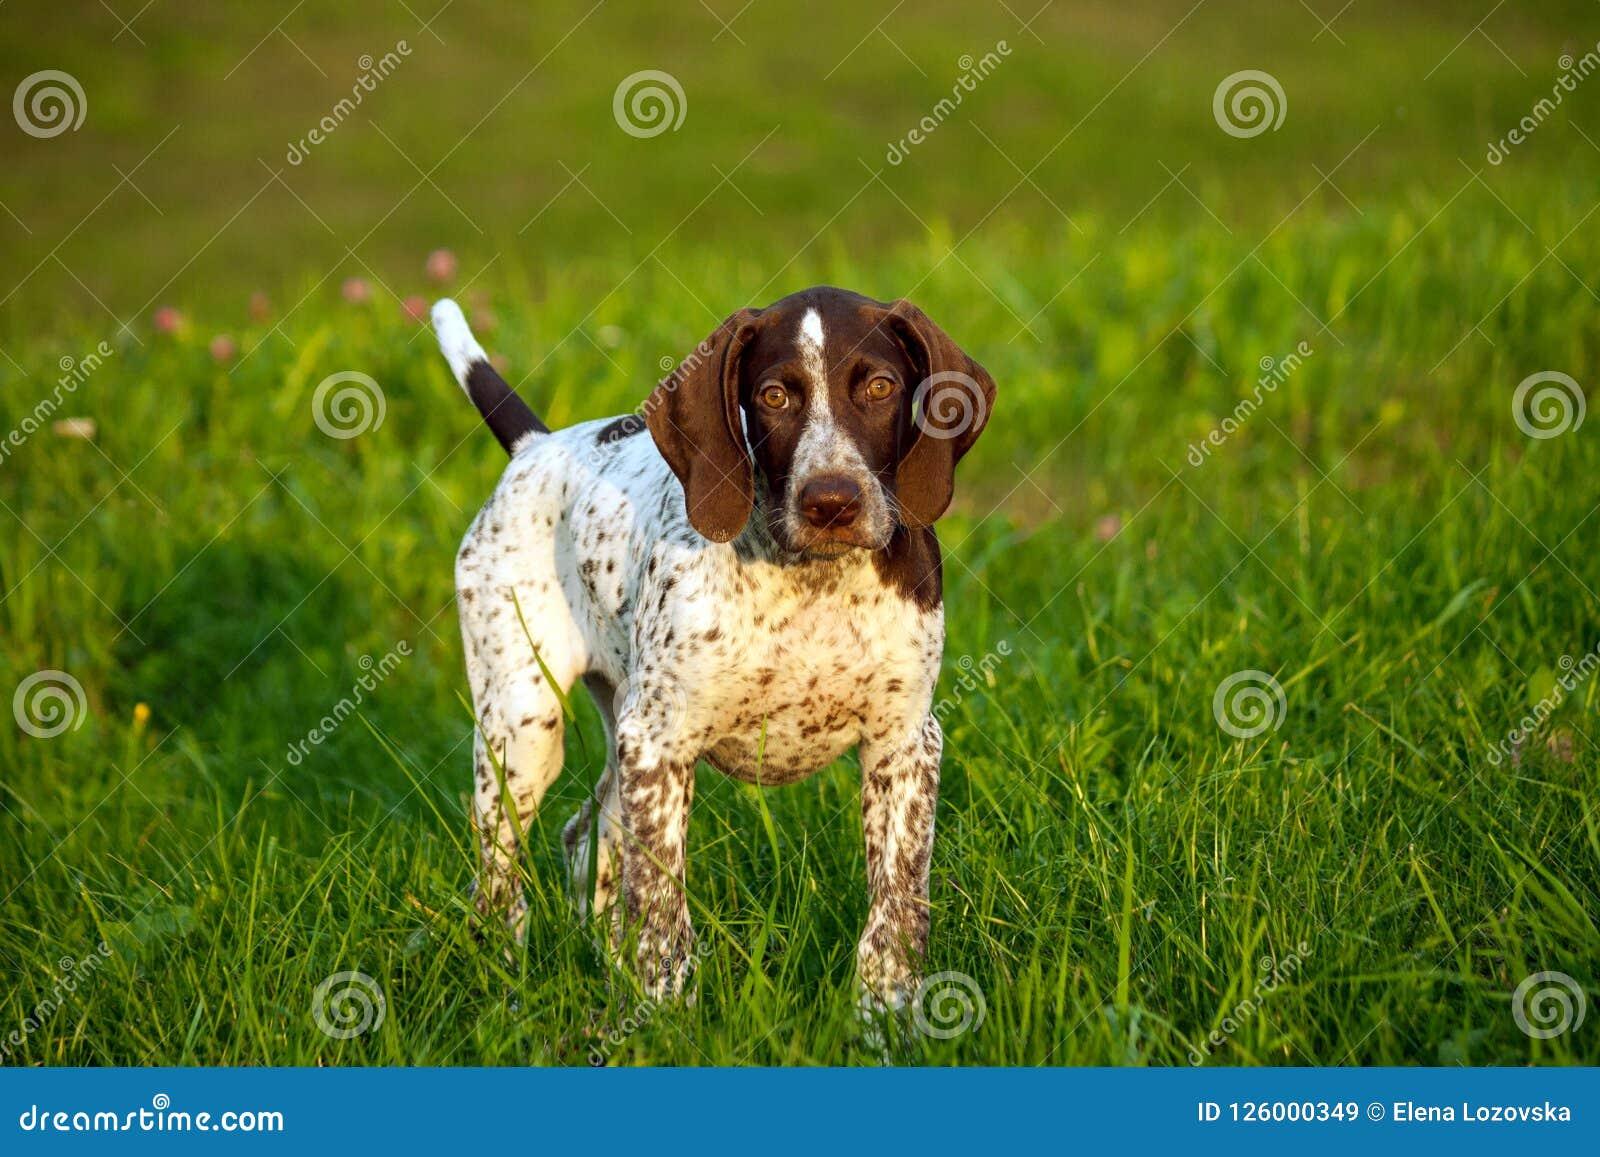 Niemiecki shorthaired pointer, niemiecki kurtshaar jeden brown łaciasty szczeniak